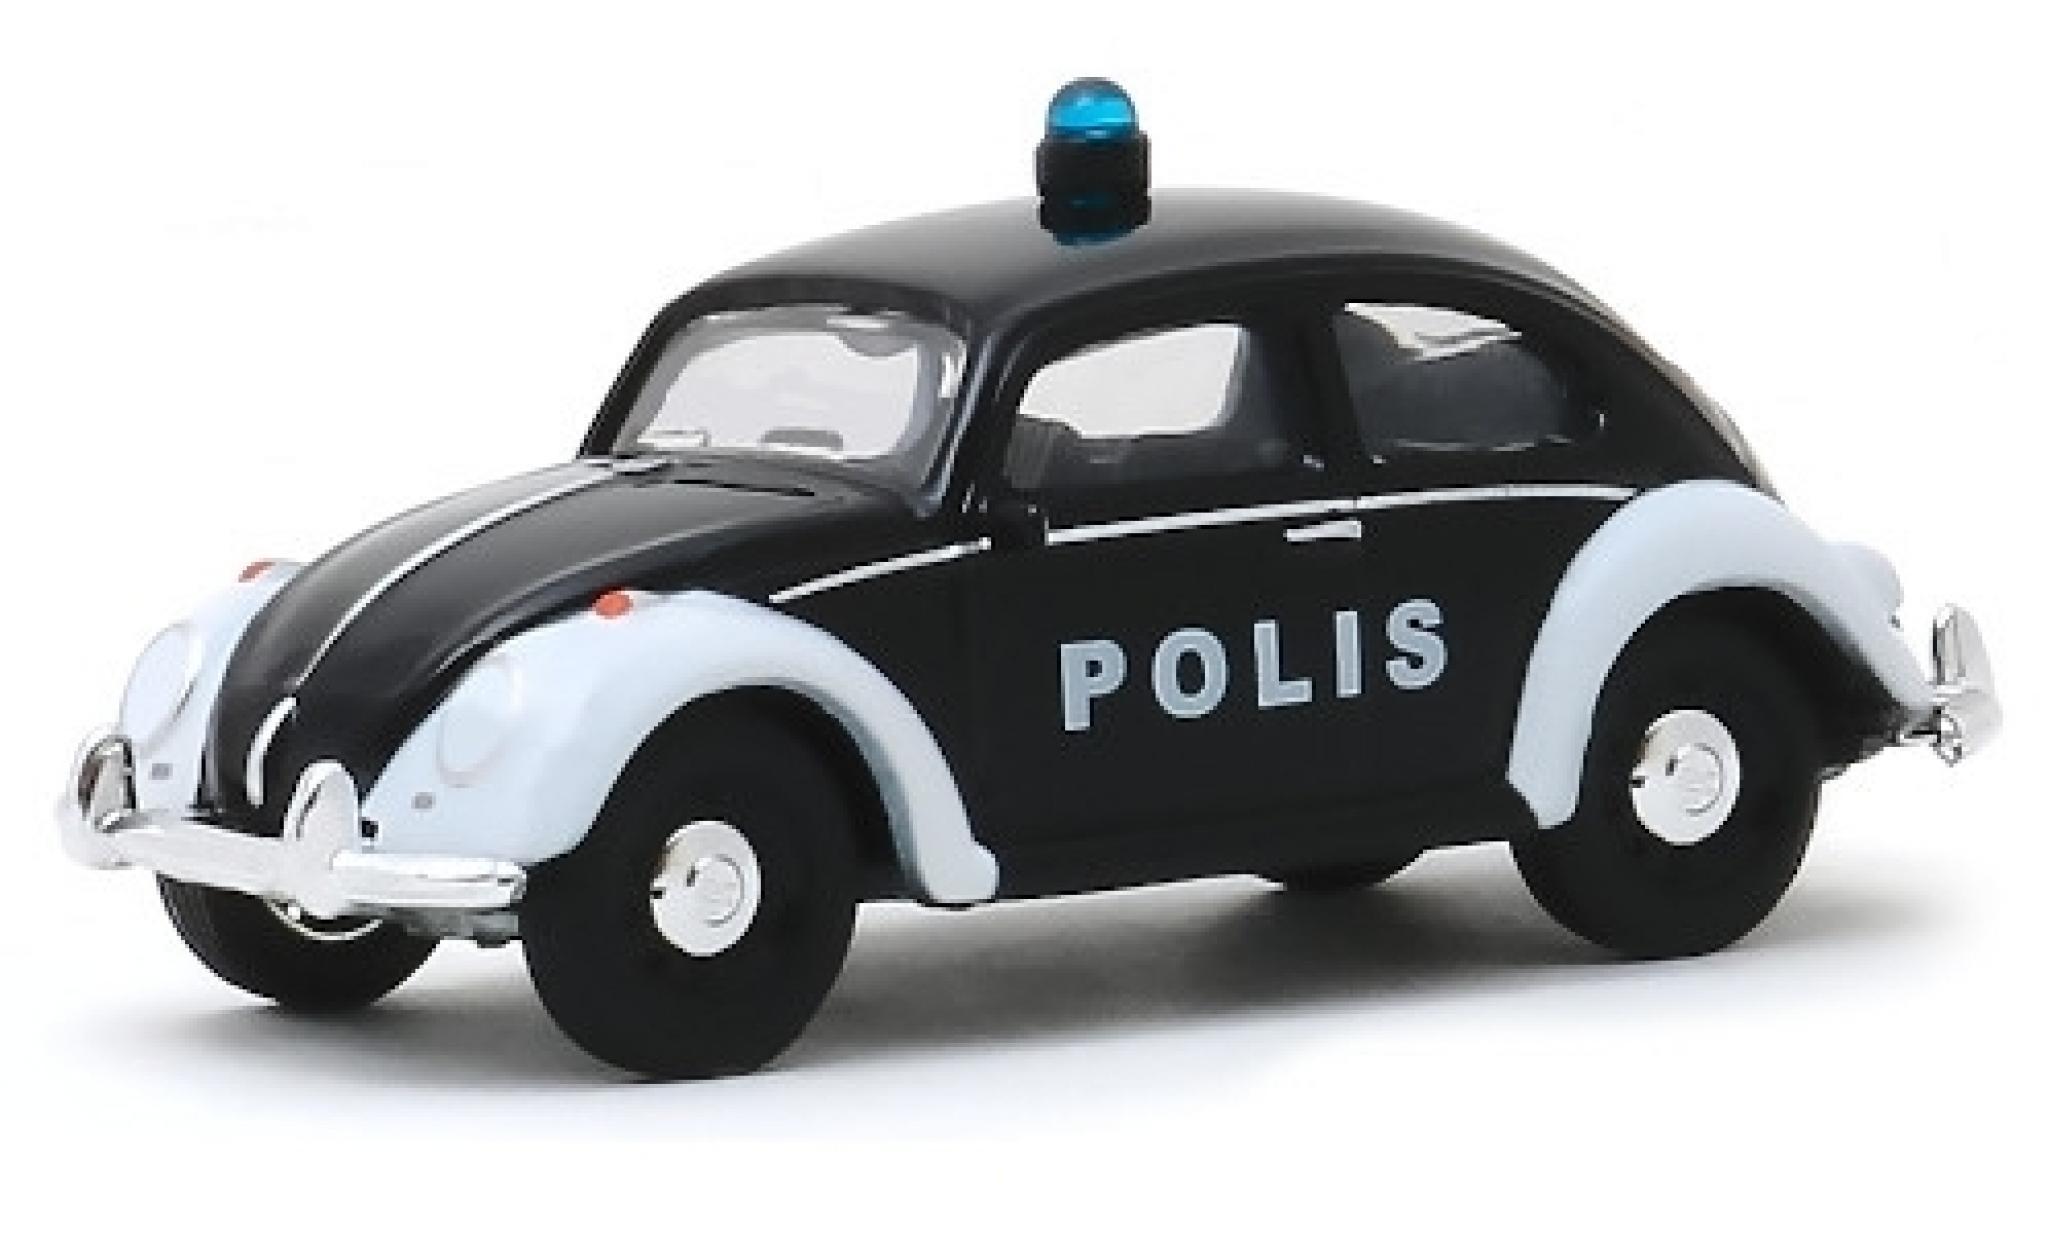 Volkswagen Beetle 1/64 Greenlight (Käfer) noire/blanche Polis